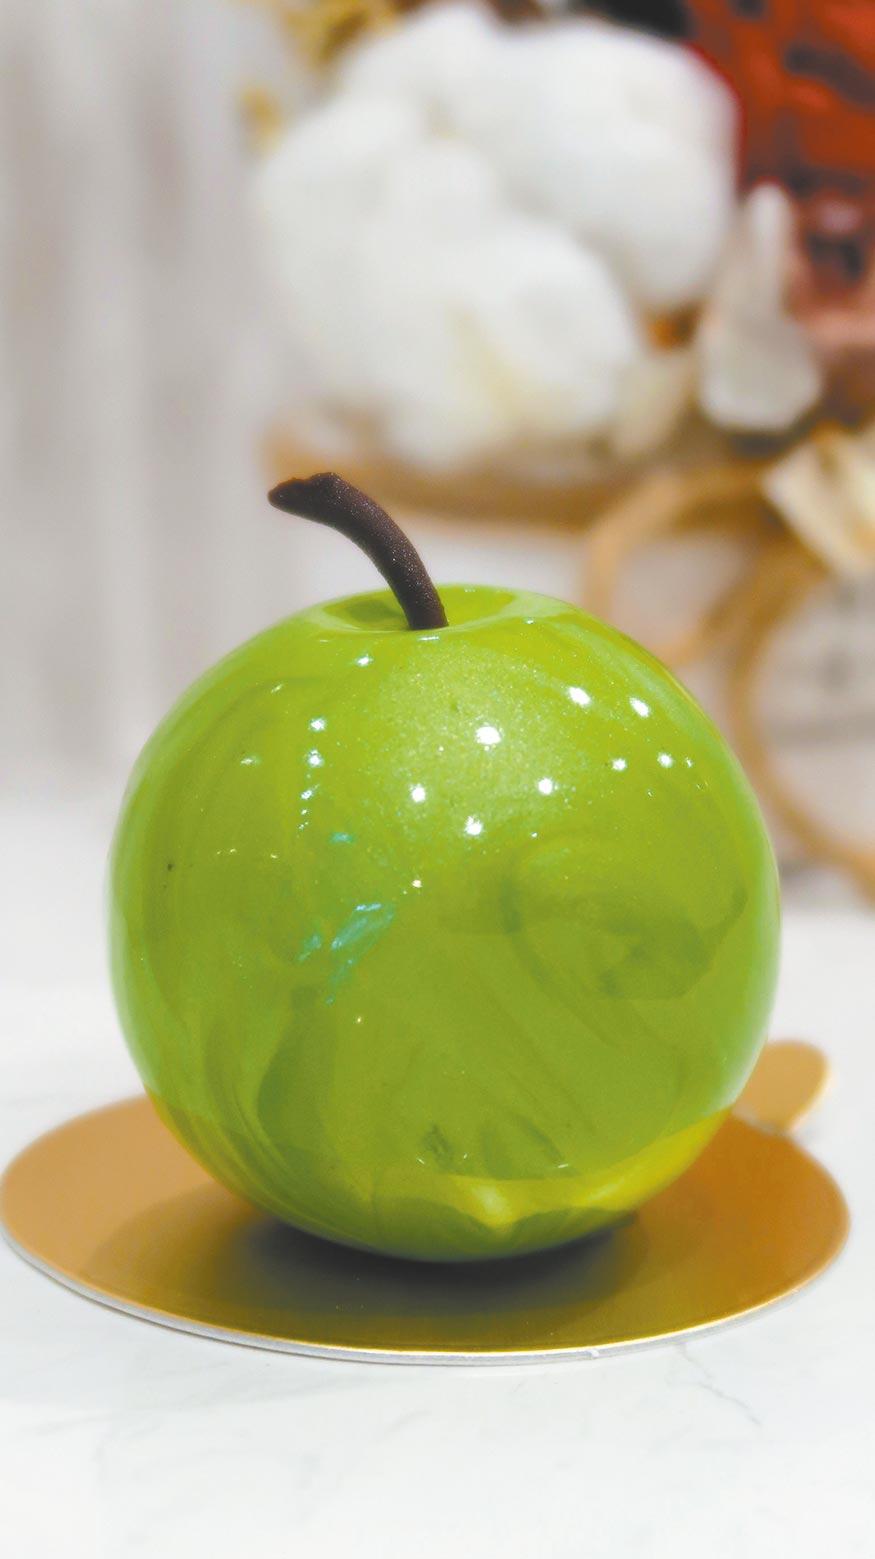 「蒔蘿蘋果」內層以香甜酒、蒔蘿等混拌過的蘋果丁加上蘋果凝乳,整體帶有清酸味,320元。(187巷的法式咖啡店提供)(飲酒過量有礙健康)